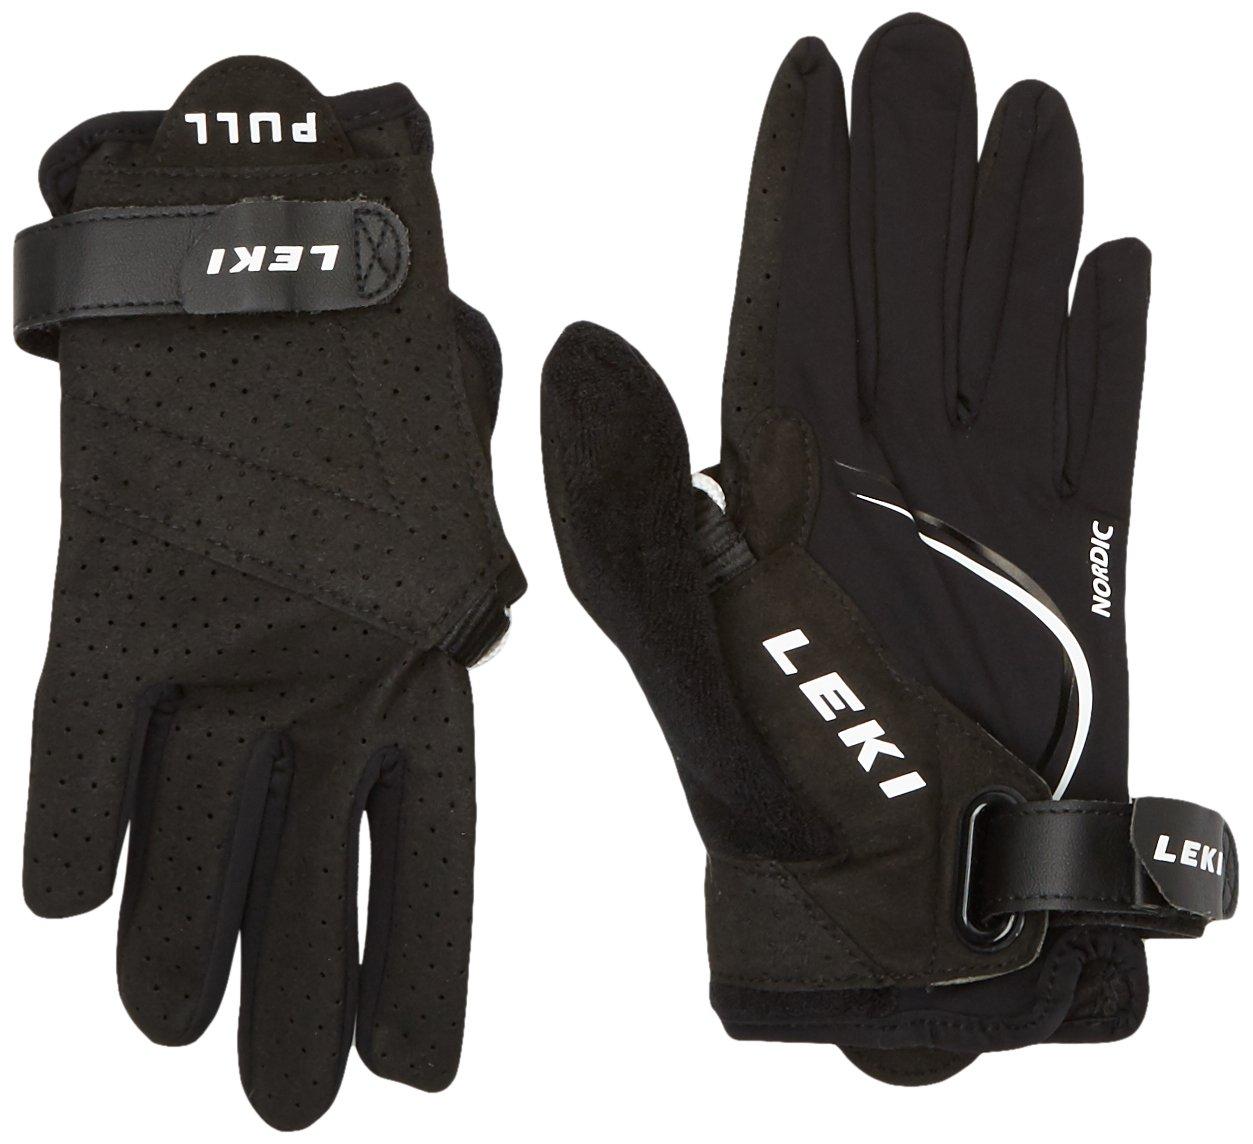 LEKI Nordic Lite Shark Long Handschuhe, Black/White, XS